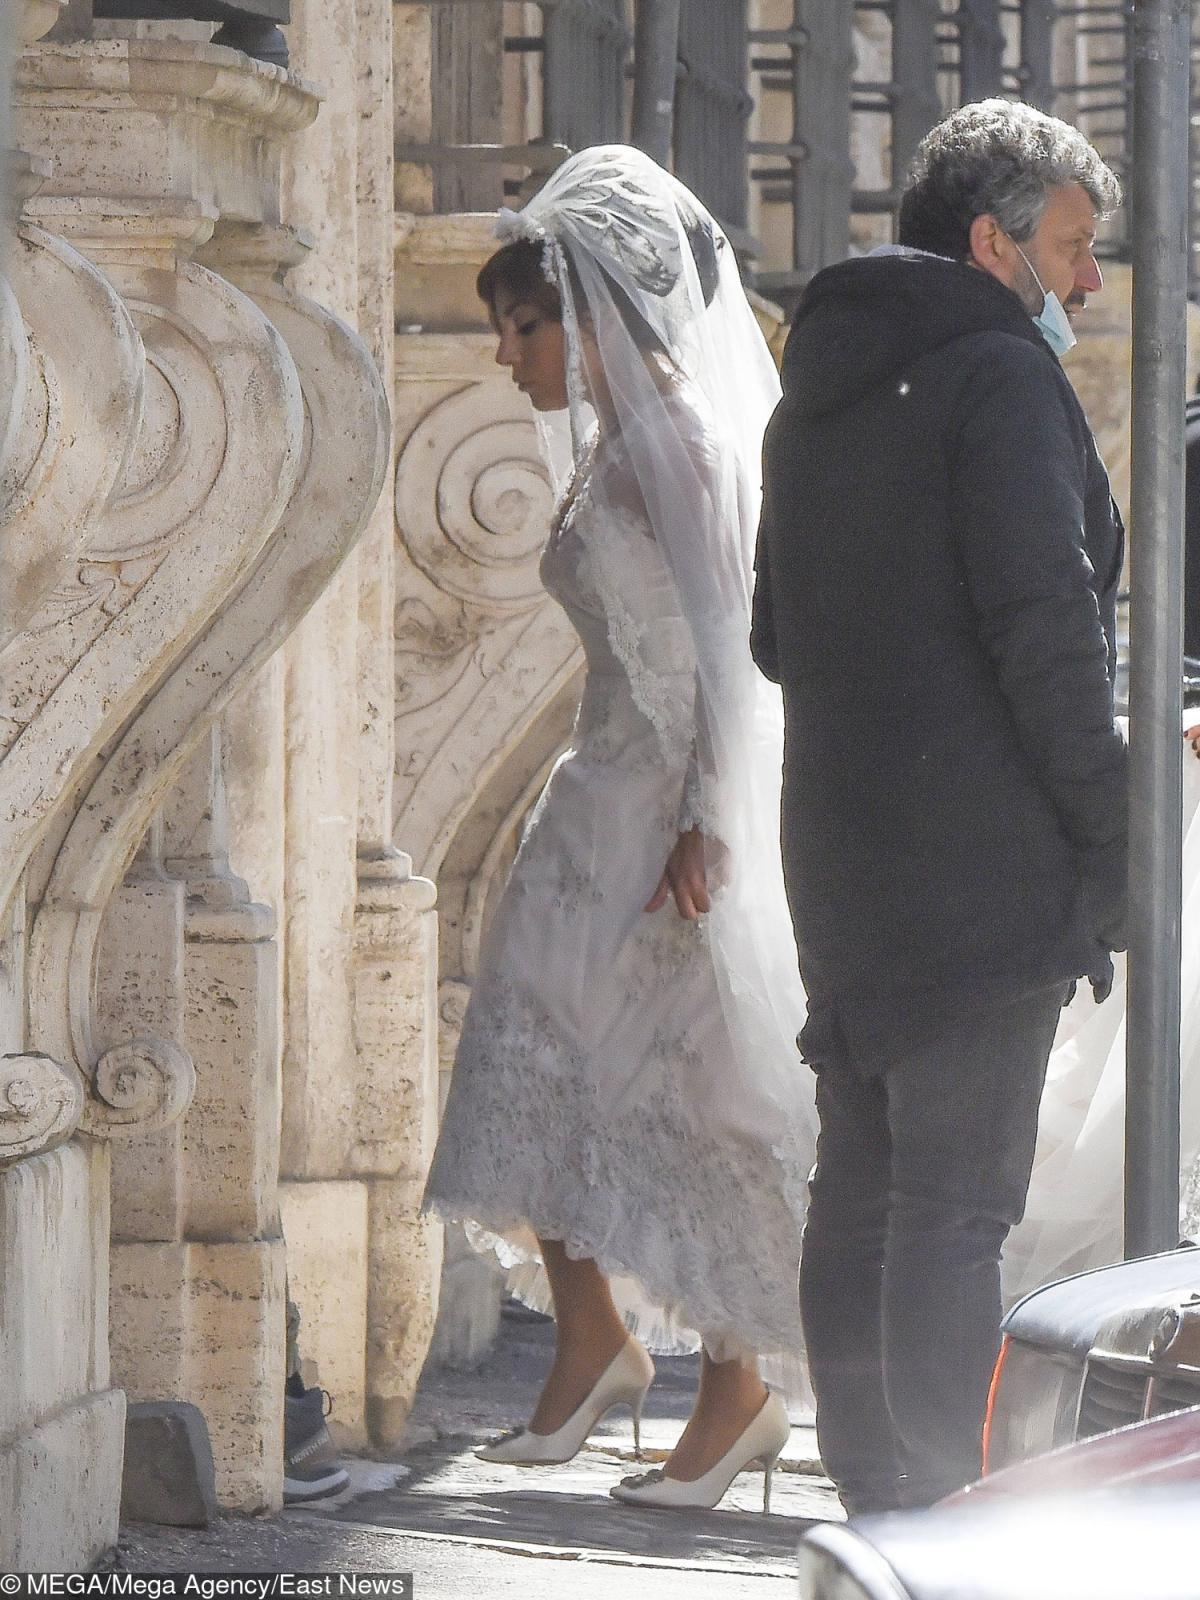 Гага участвовала в съемках эпизода свадьбы своей героини Патриции Гуччи \ eastnews.ua